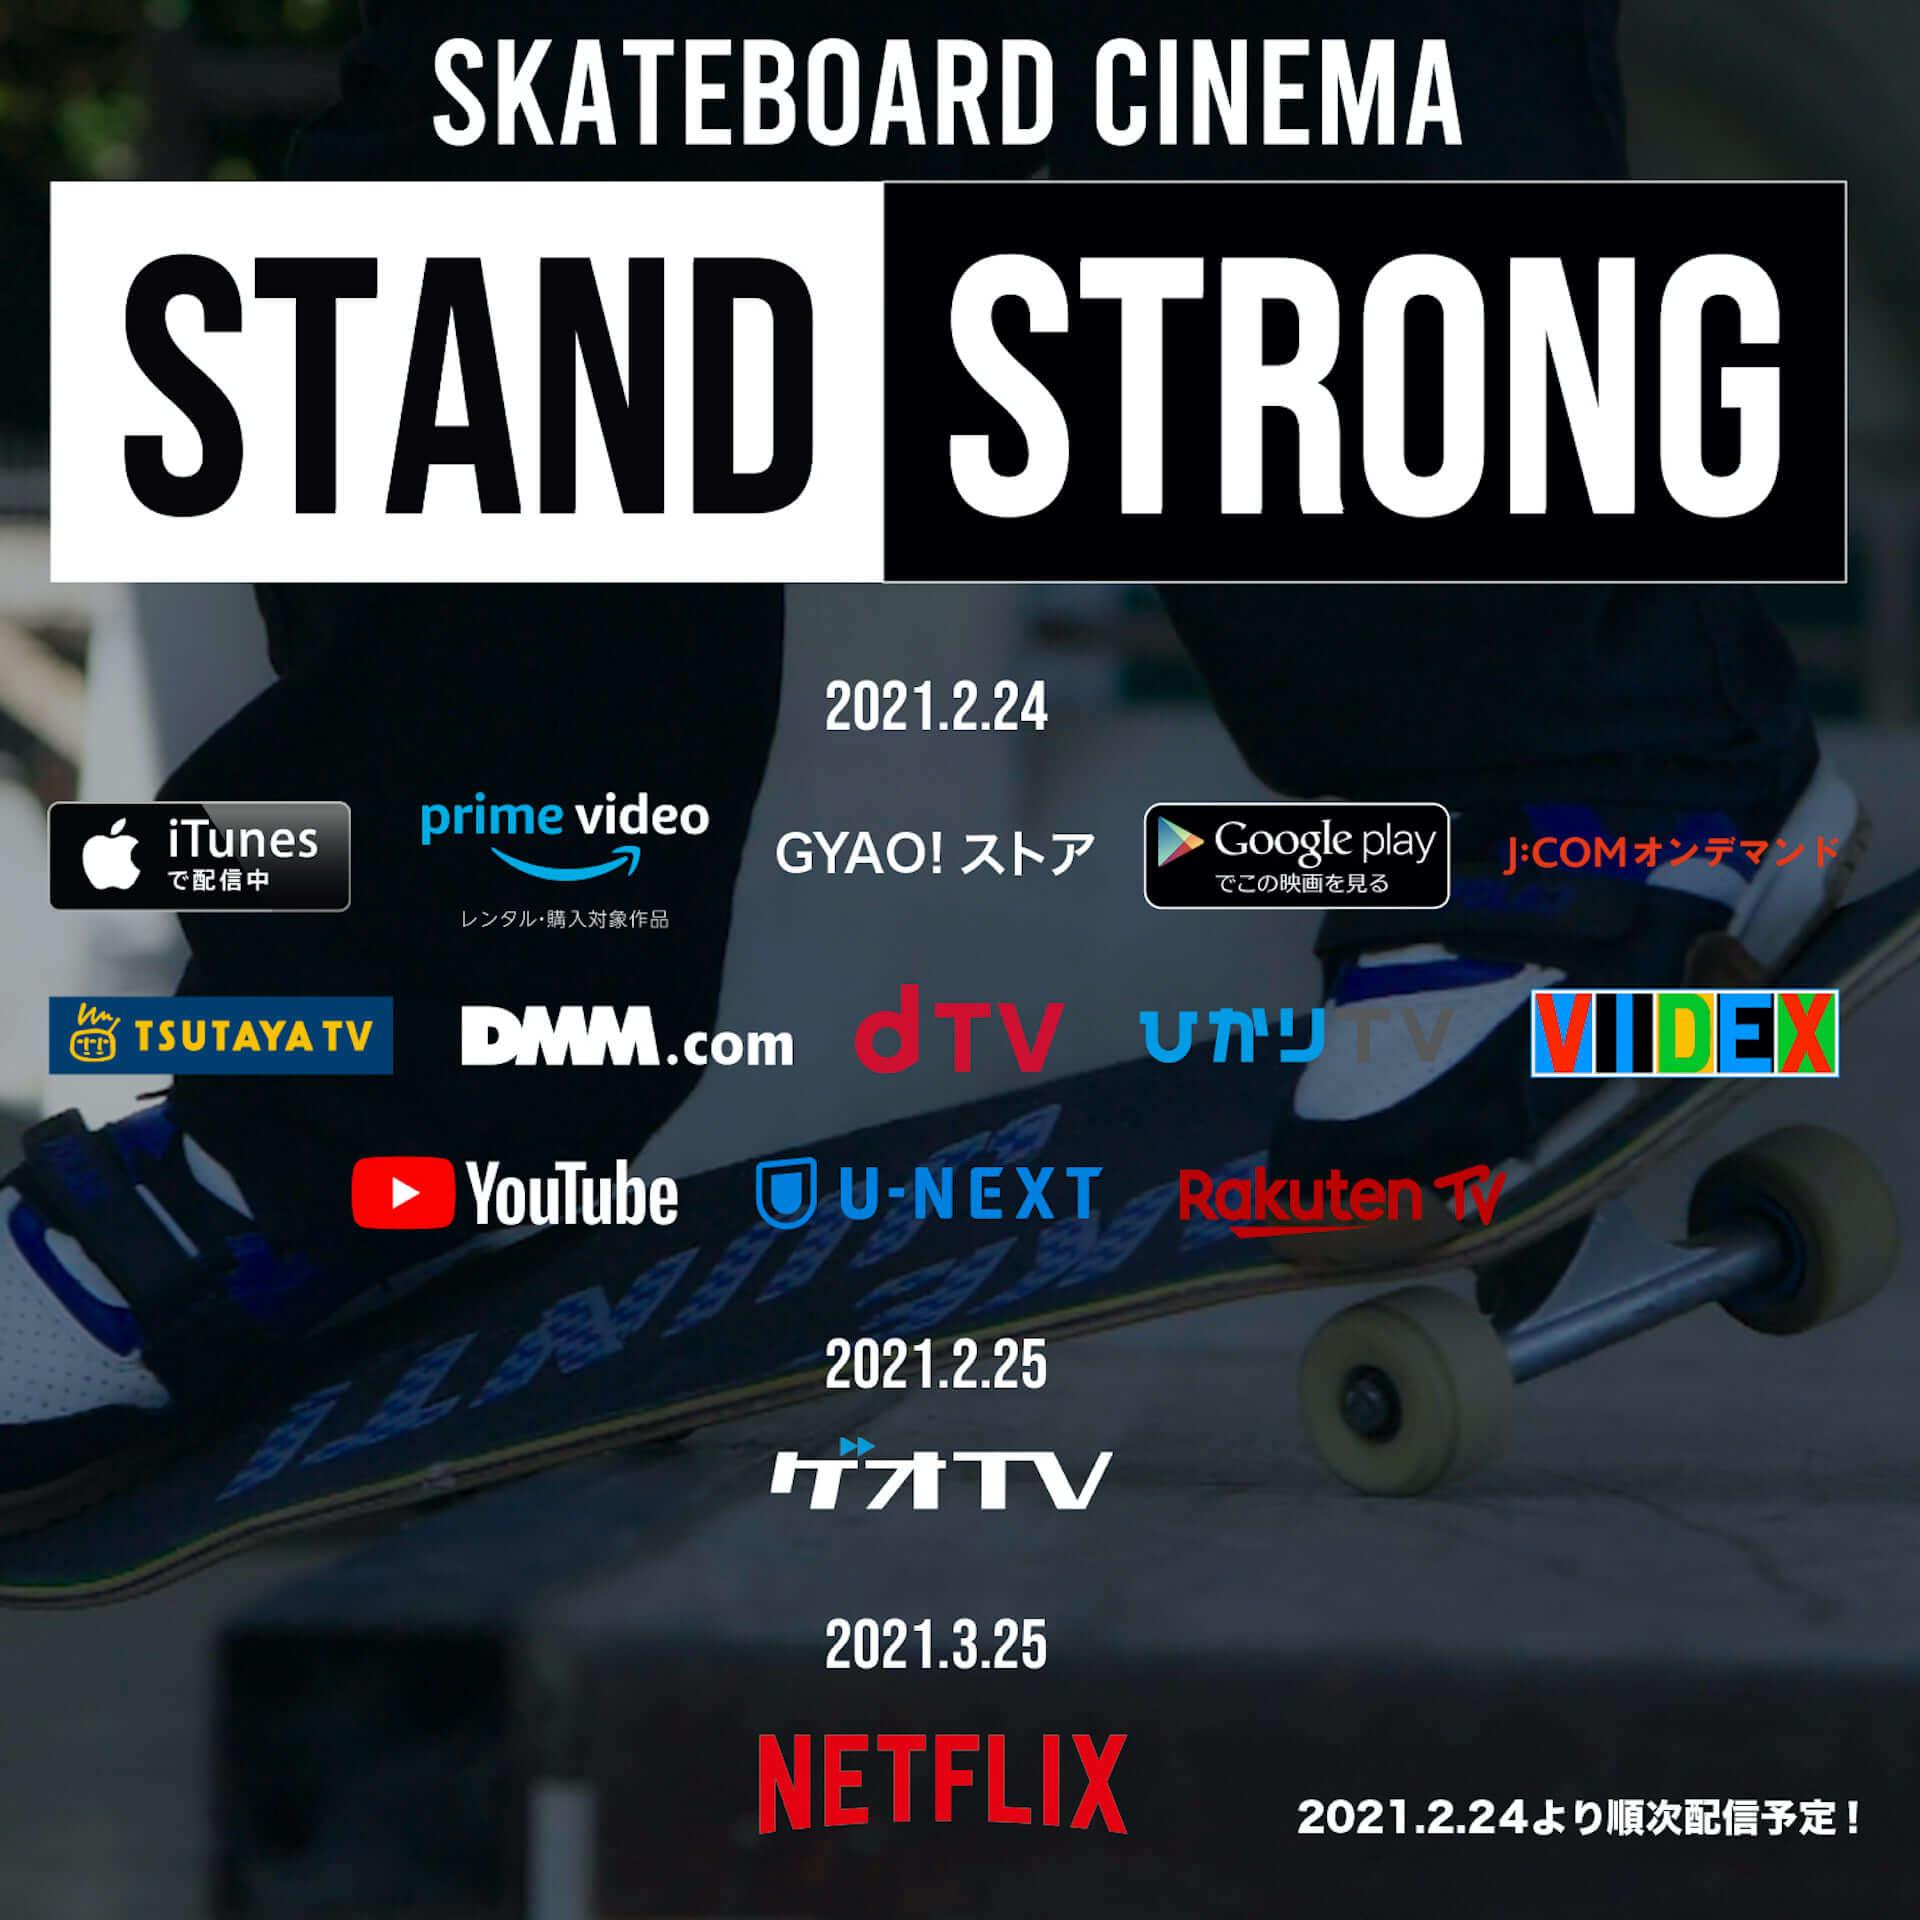 リアルスケーター4人が出演する青春映画『STAND STRONG』がNetflix、iTunes、Amazonプライムビデオなどで配信決定! film210223_standstrong_2-1920x1920